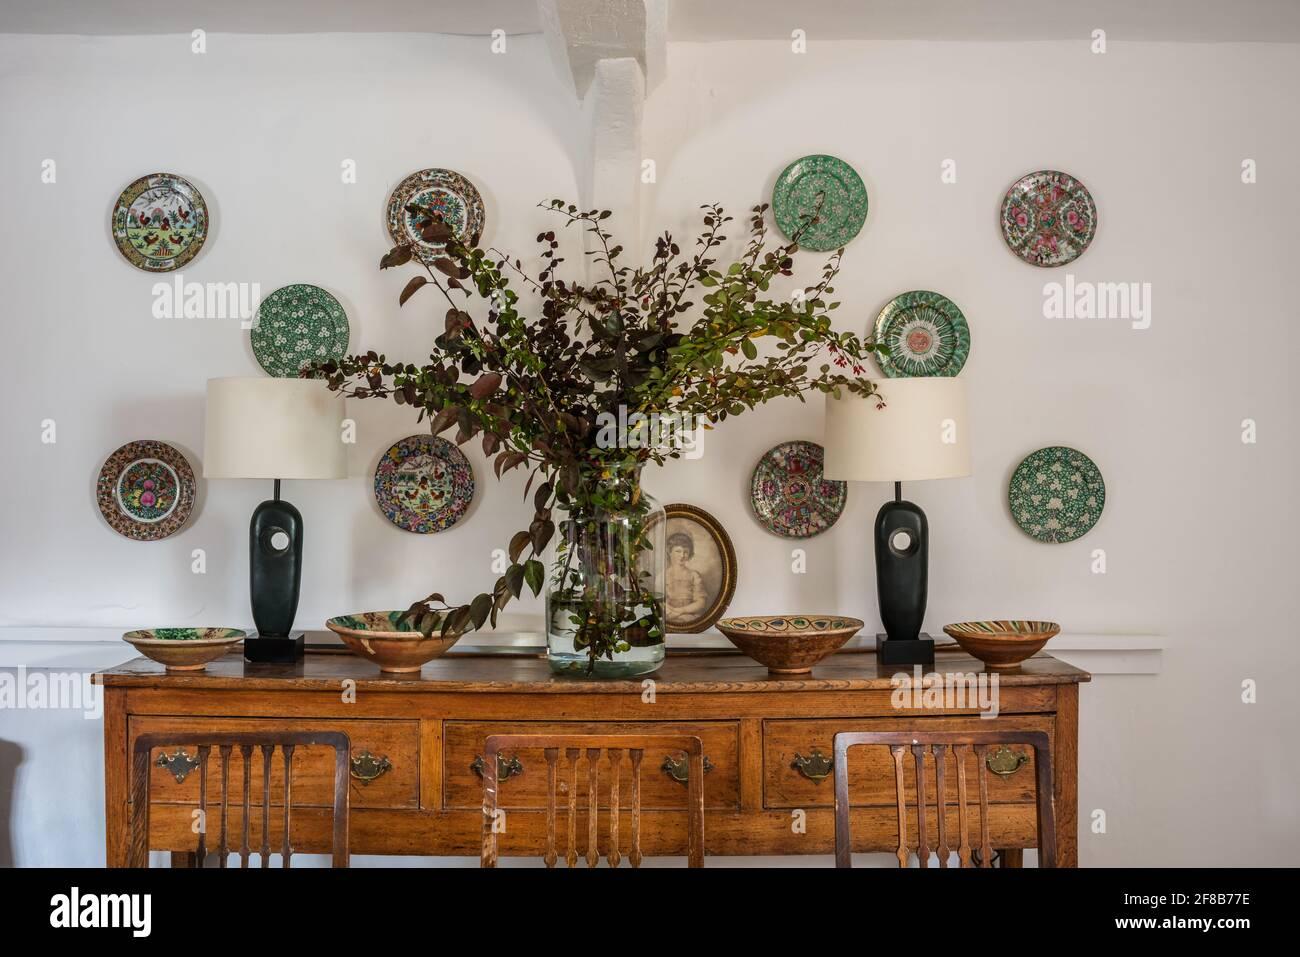 Plaques chinoises des années 1920 avec lampes et murs Grasse modernistes 'Clean White' dans la ferme Suffolk classée Grade II Banque D'Images